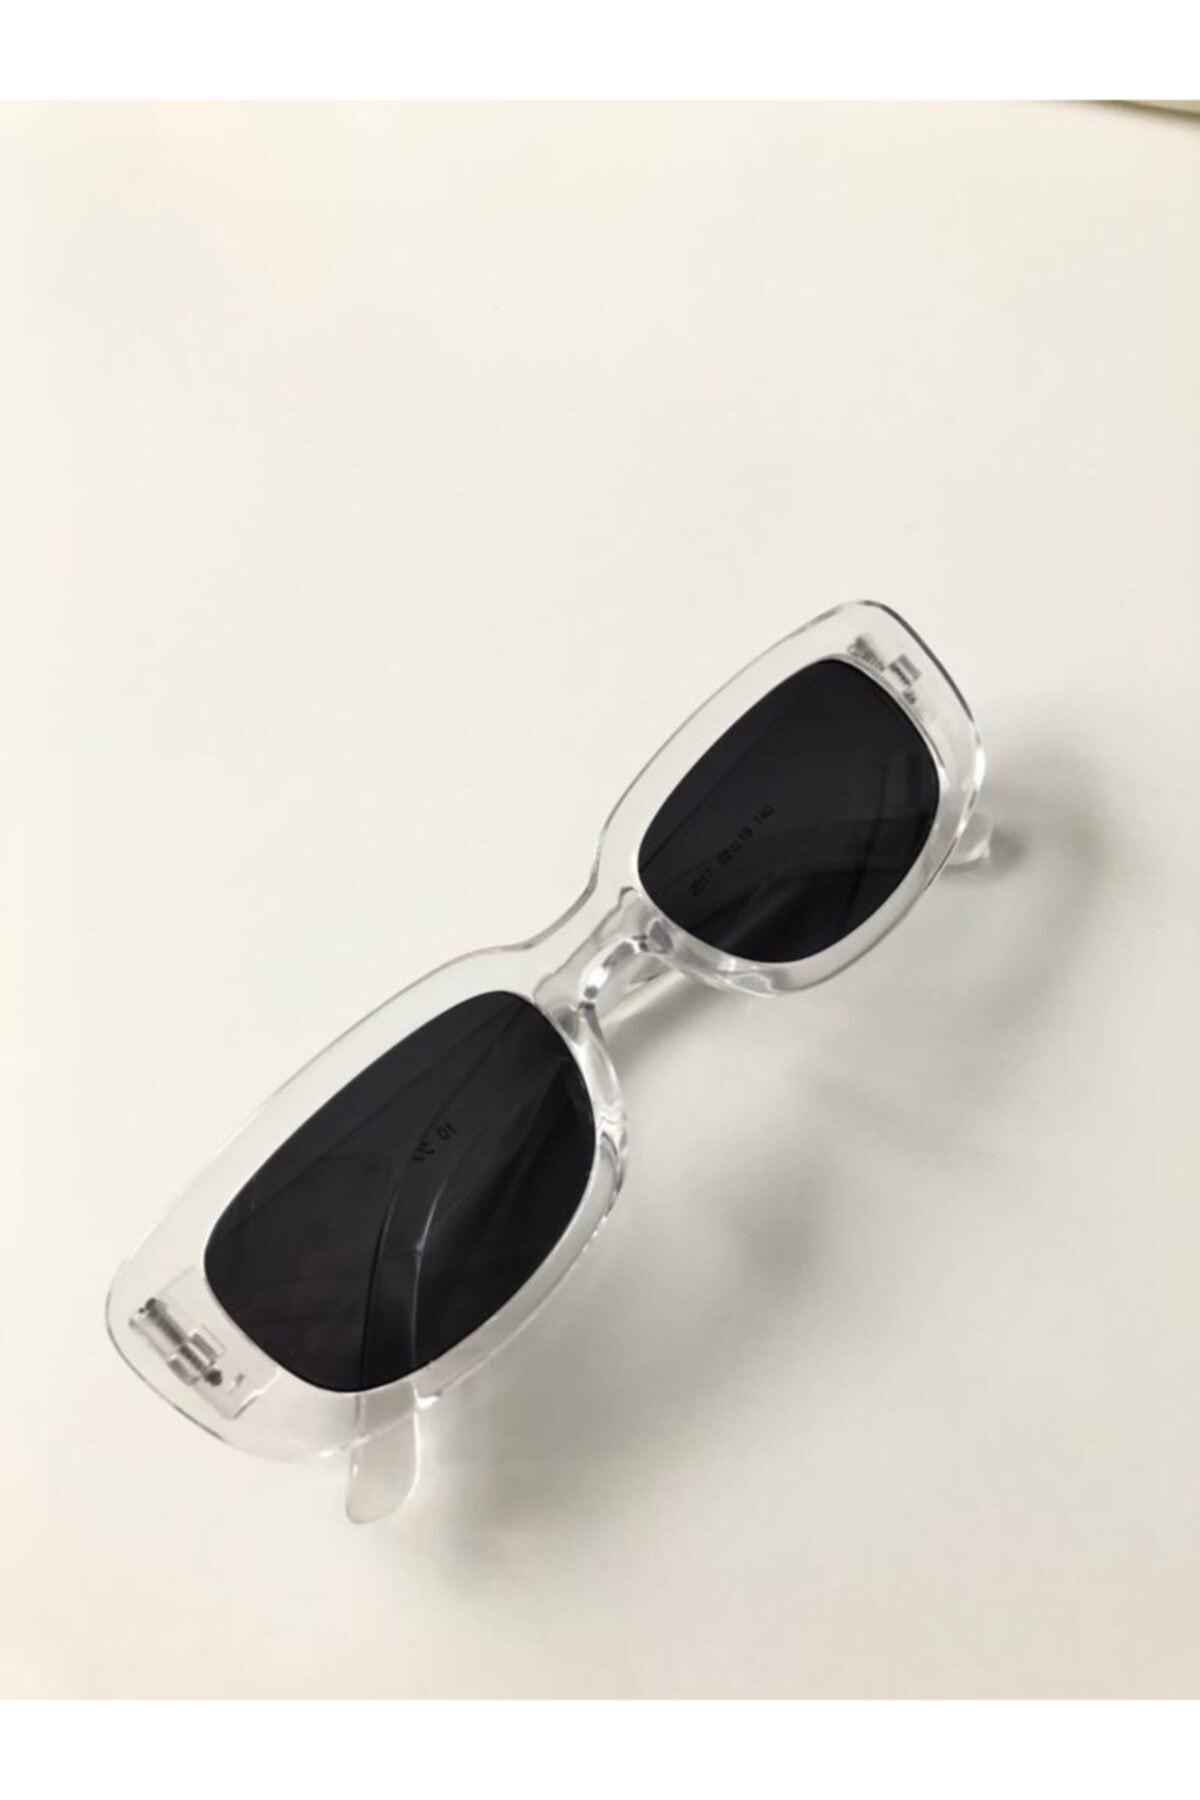 LOOKUP Unisex Şeffaf Kare Dikdörtgen Vintage Güneş Gözlüğü 1